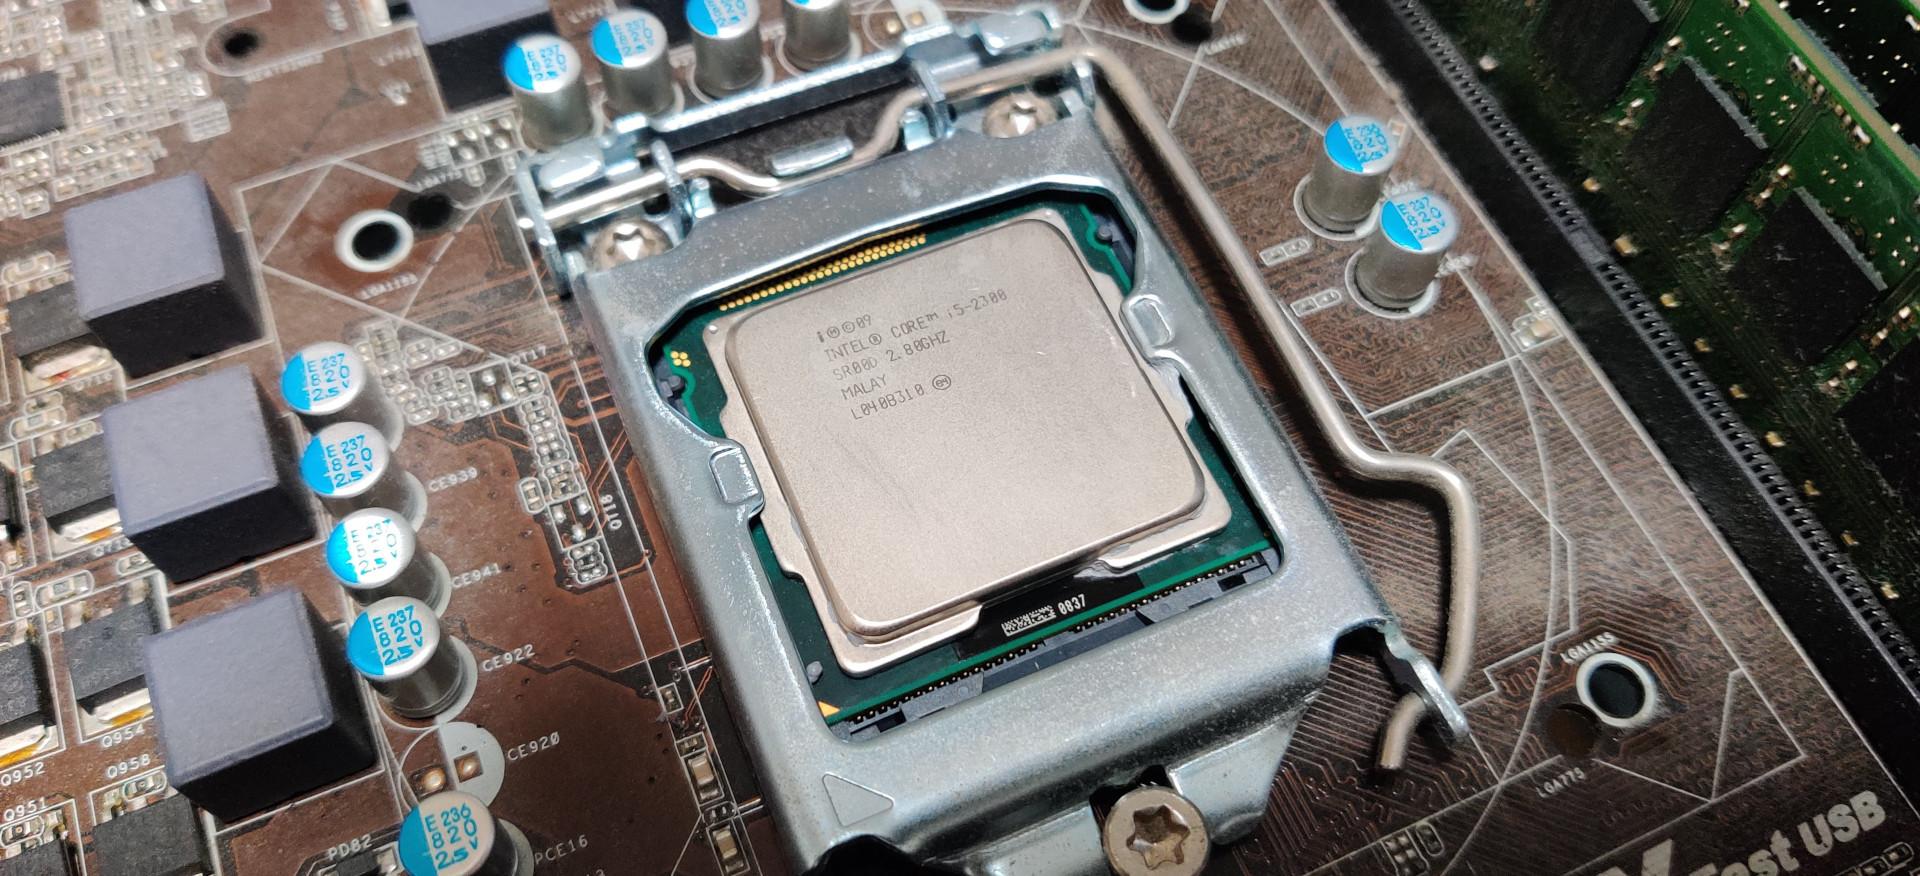 Core i7 3770K